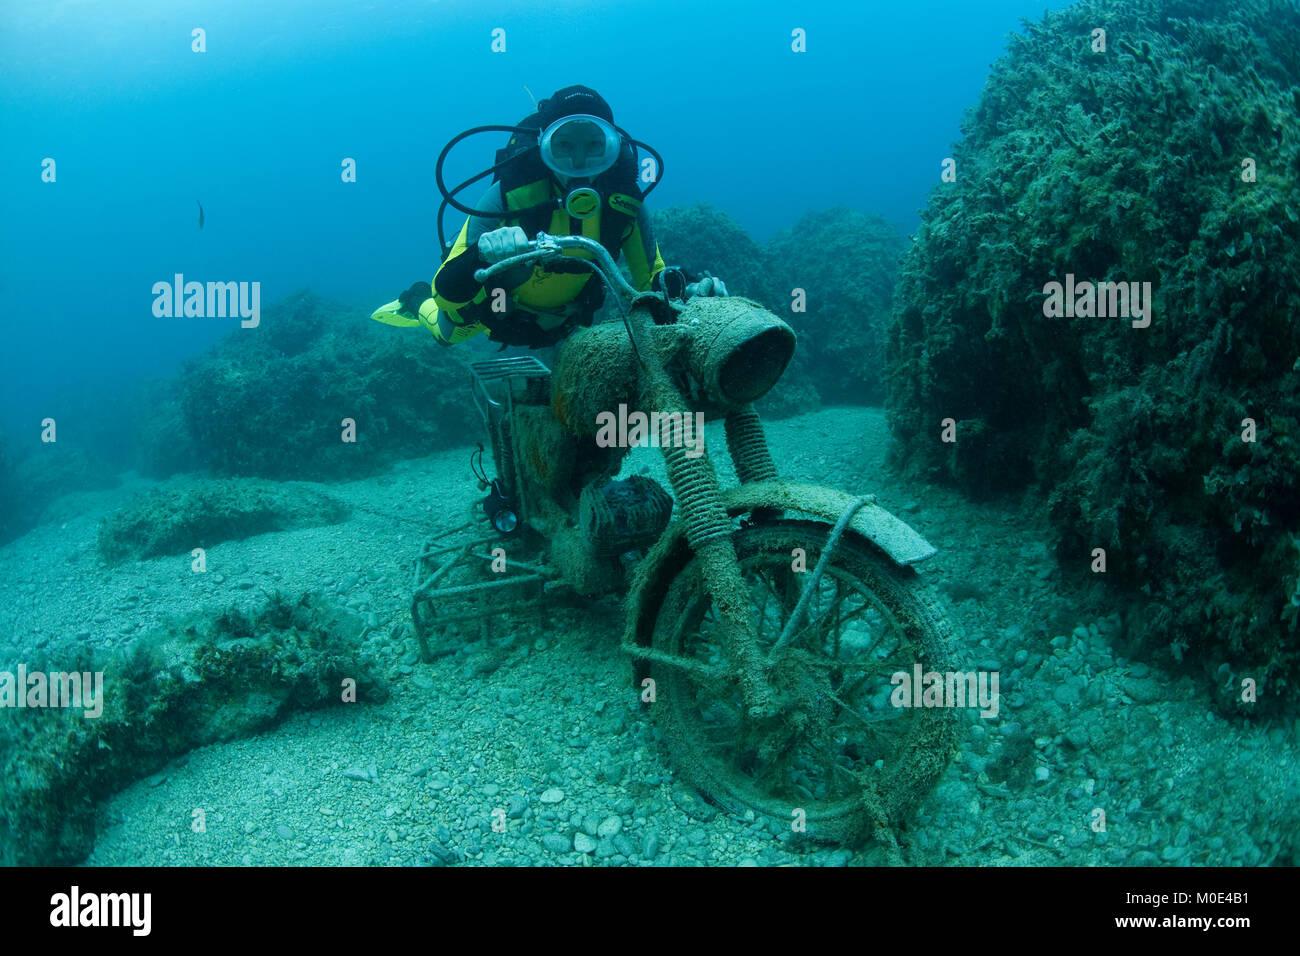 Scuba diver on a sunken motorbike, Zakynthos island,Ionian islands,  Greece, Europe - Stock Image